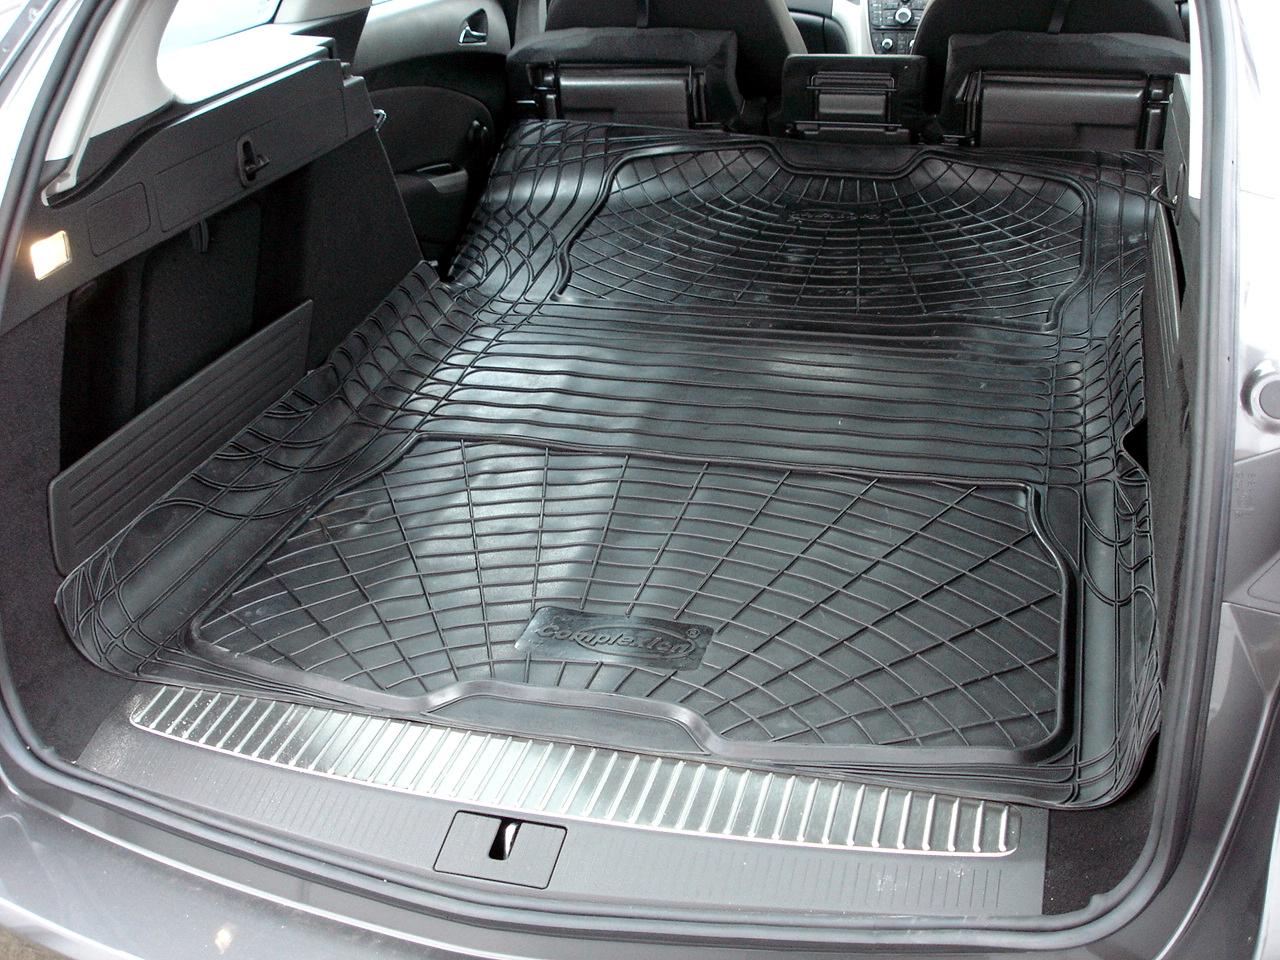 Floor mats xsara picasso - Citroen Xsara Picasso Rubber Boot Mat Liner Options Bumper Protector